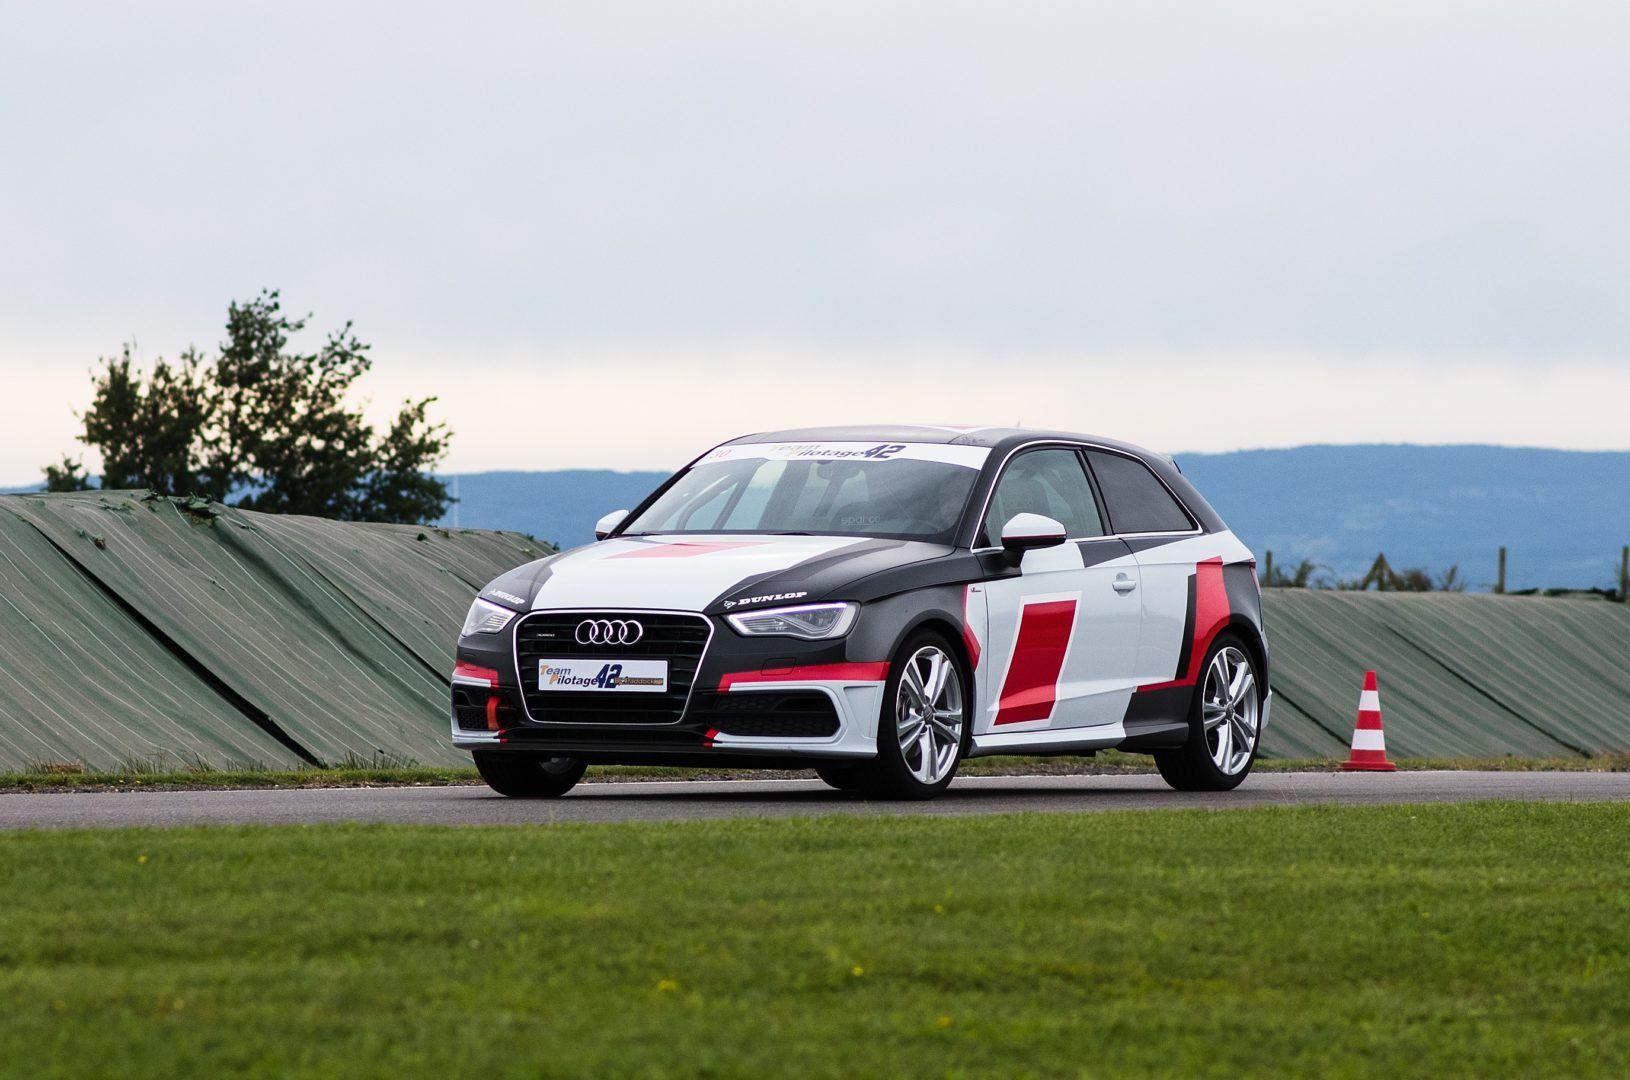 Audi A3 sur circuit avant